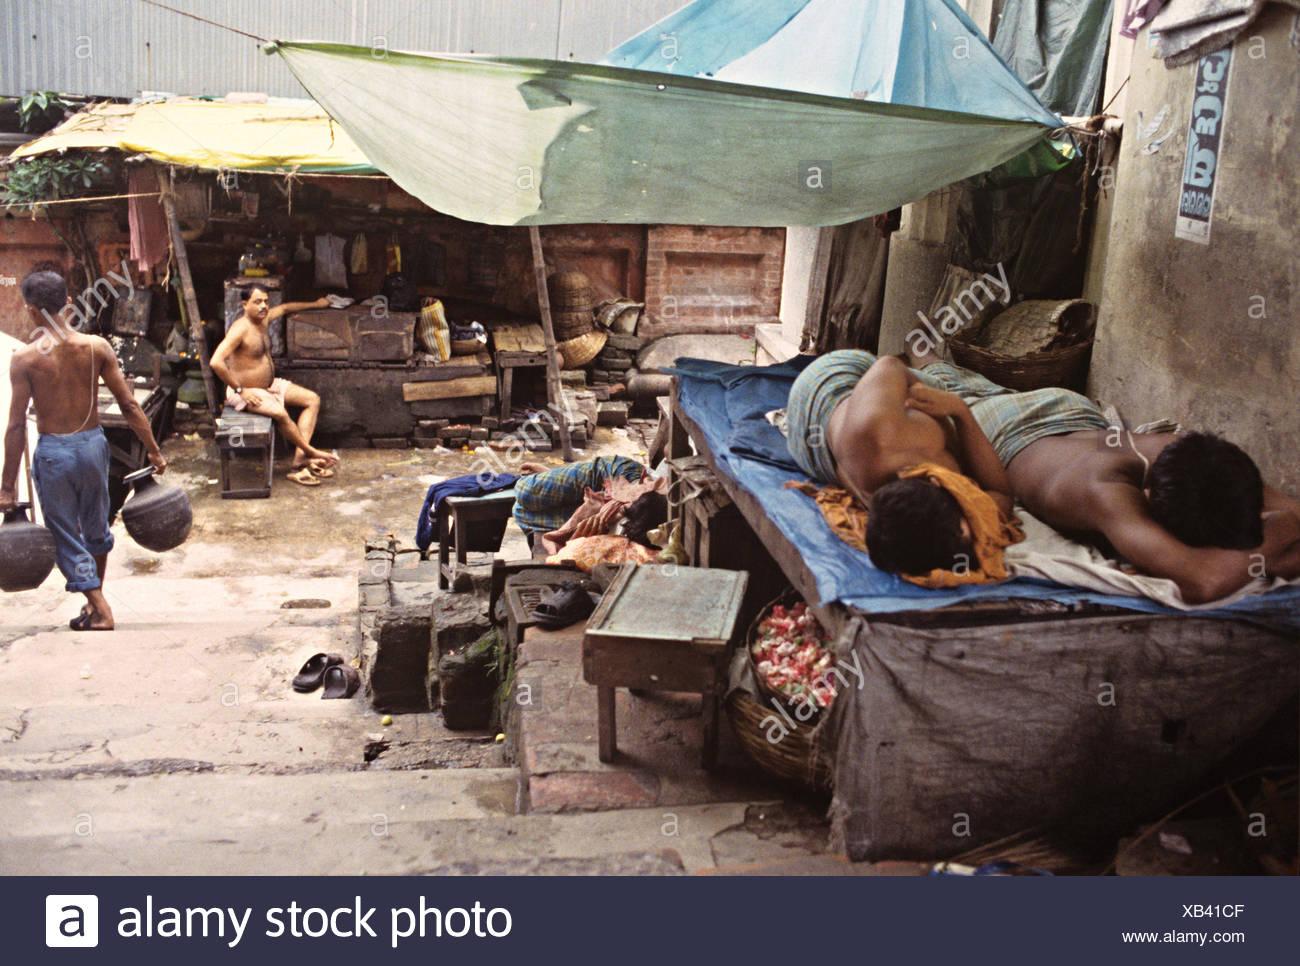 Pavement dwellers - Stock Image